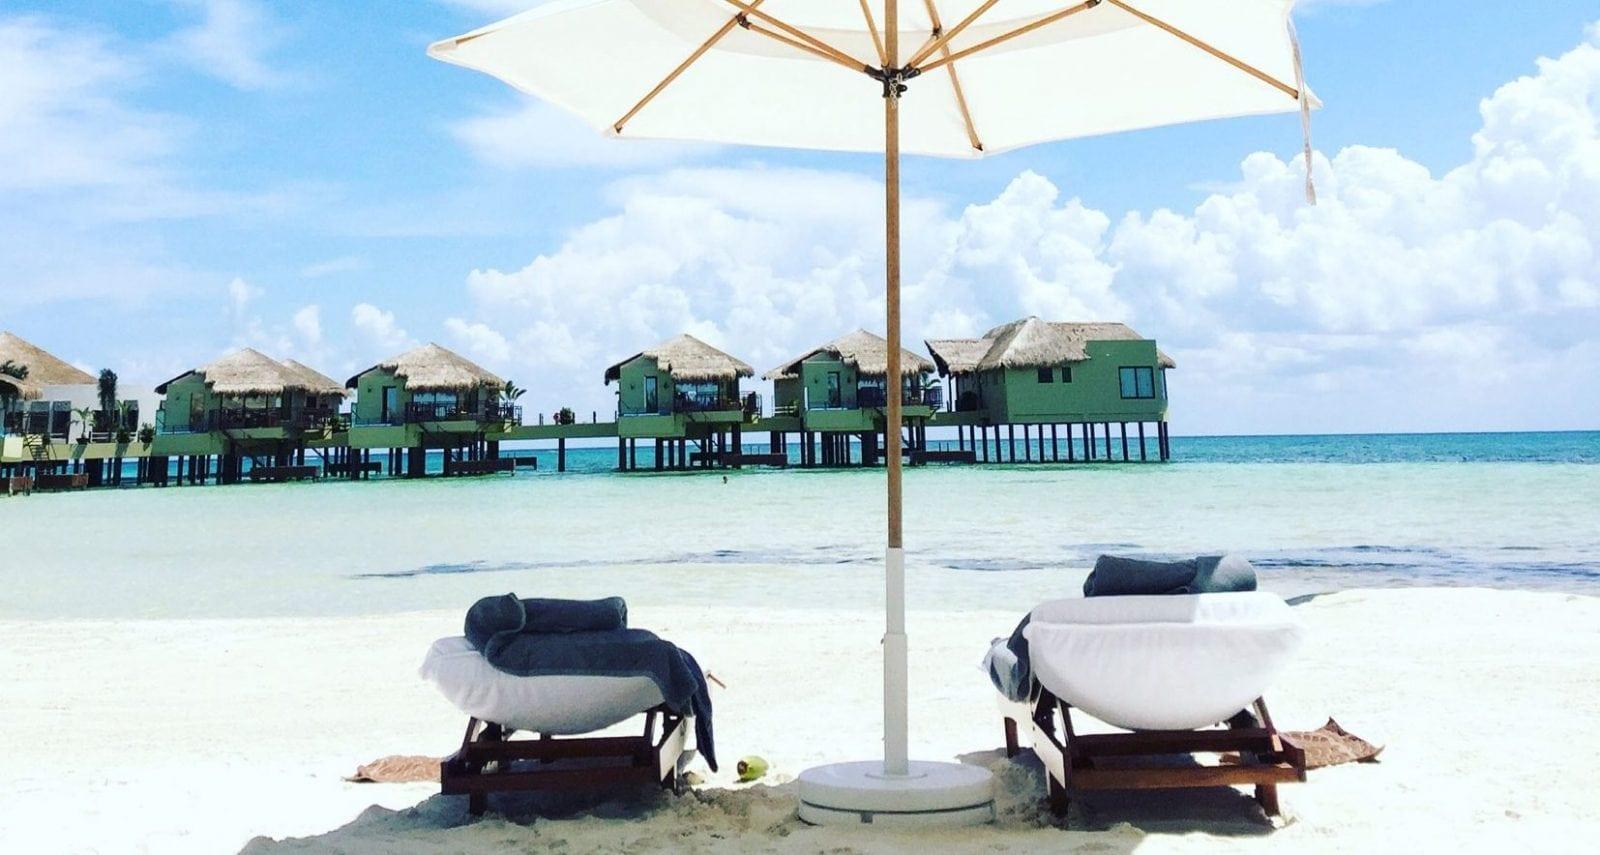 93422 e1481274921772 - Bungalow-urile plutitoare de pe Riviera Maya